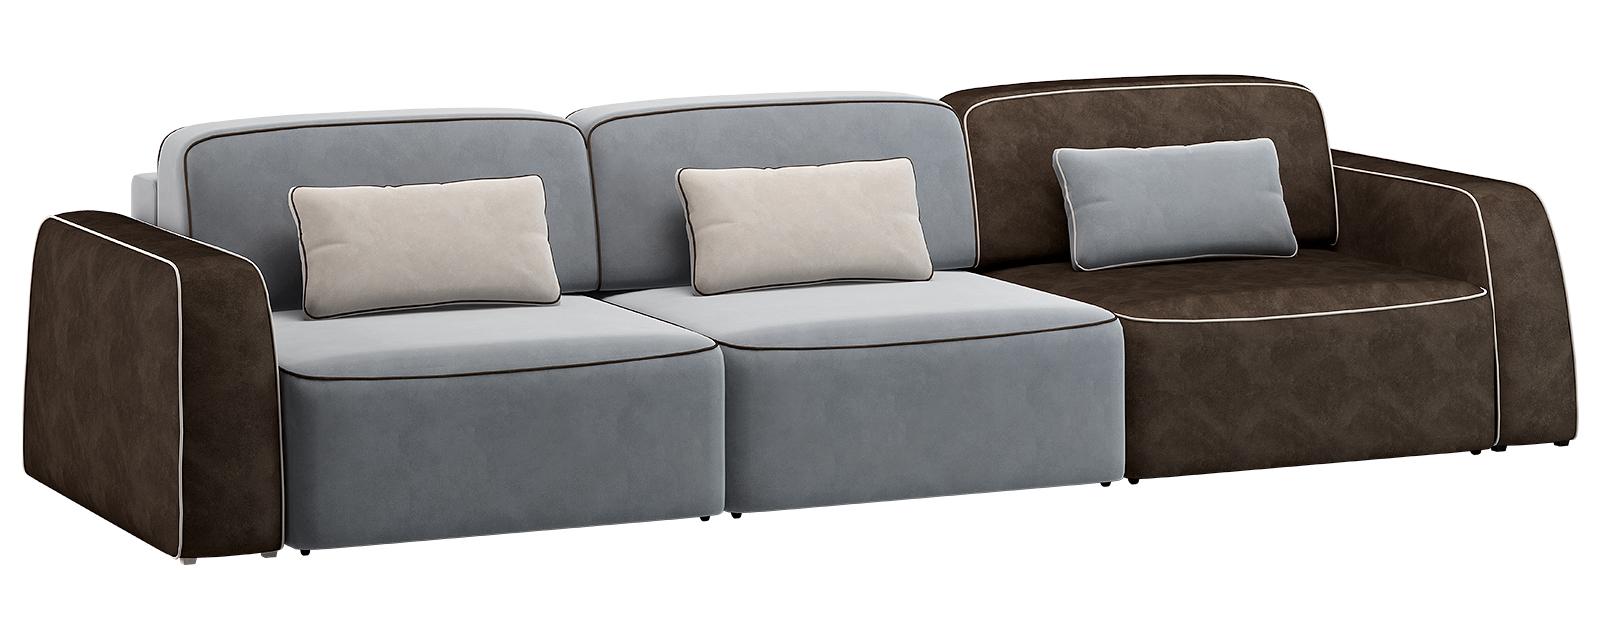 Модульный диван Портленд 300 см Вариант №3 Velutto серый/тёмно-коричневый (Велюр)